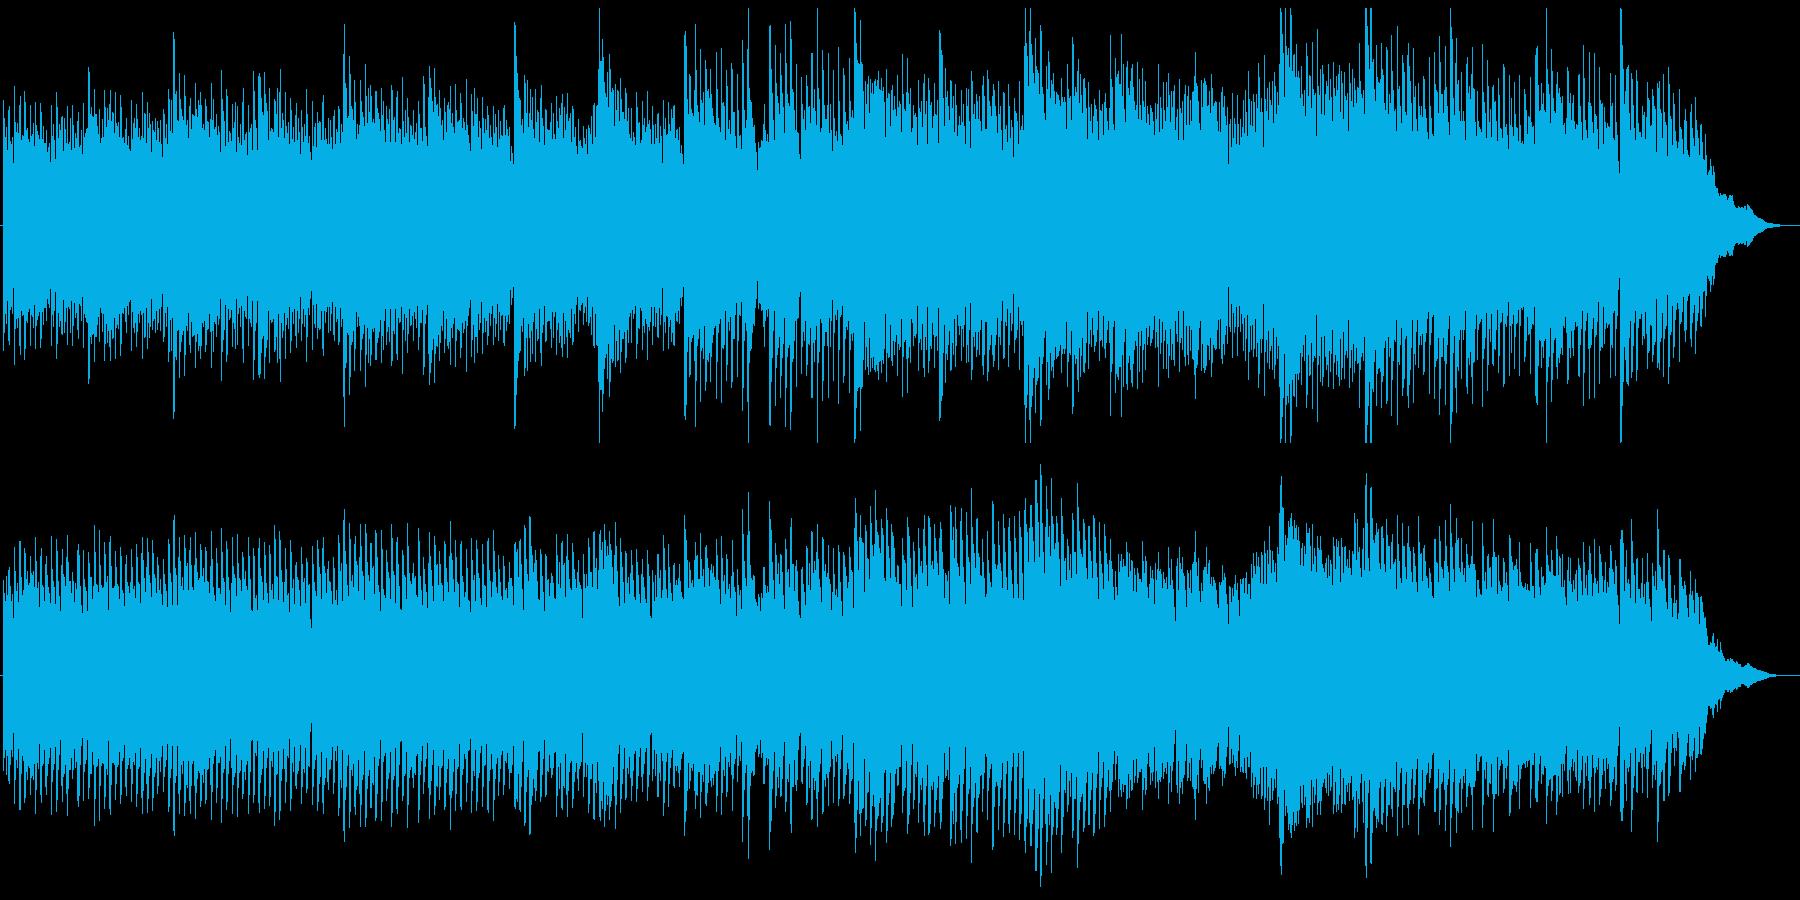 ピアノアンビエントで癒しヒーリング感動的の再生済みの波形